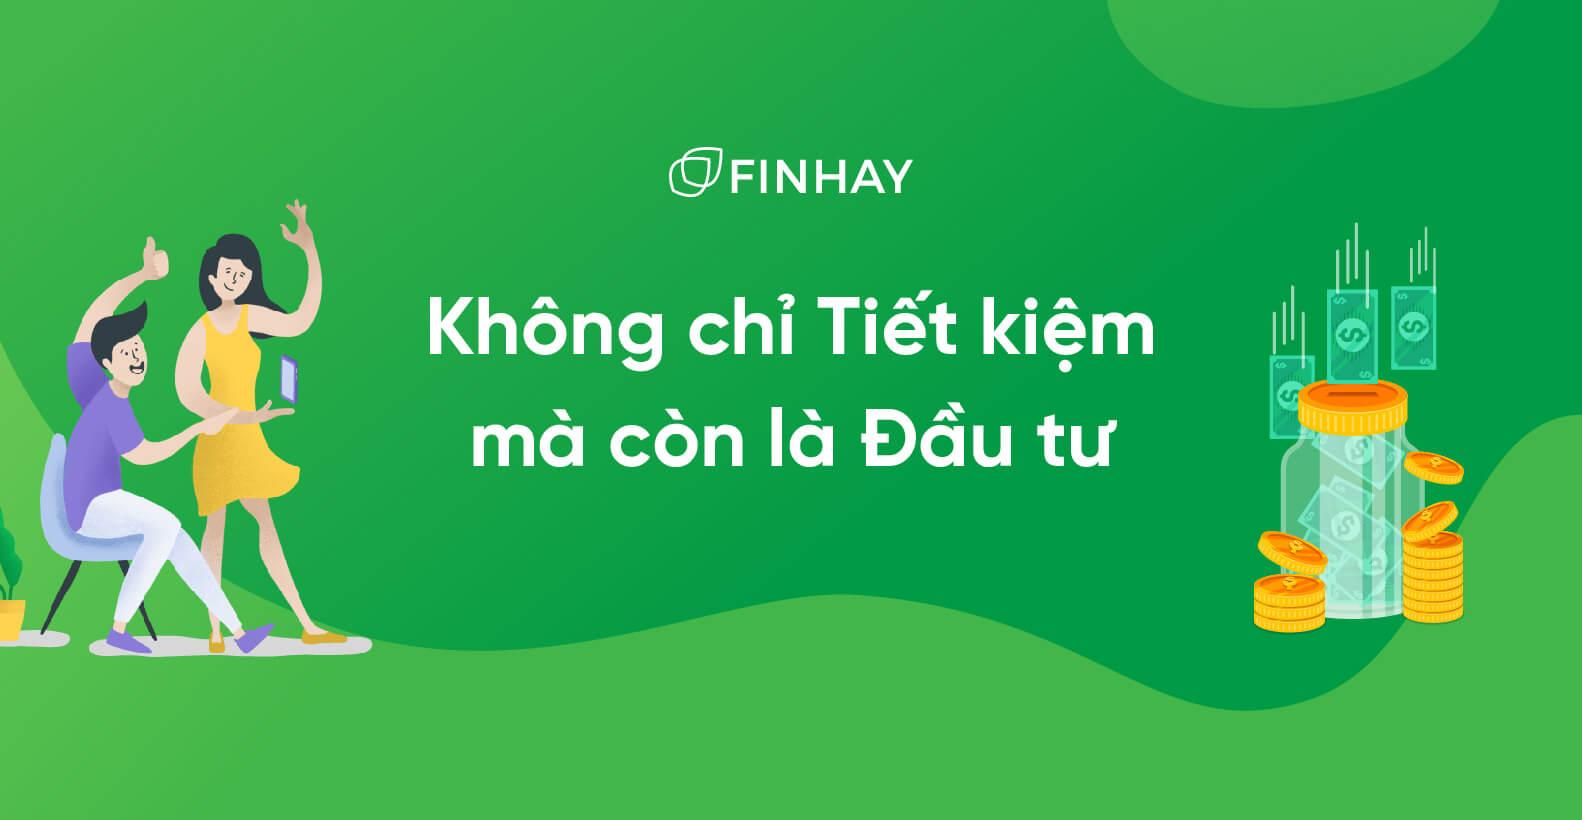 cach-rut-tien-finhay